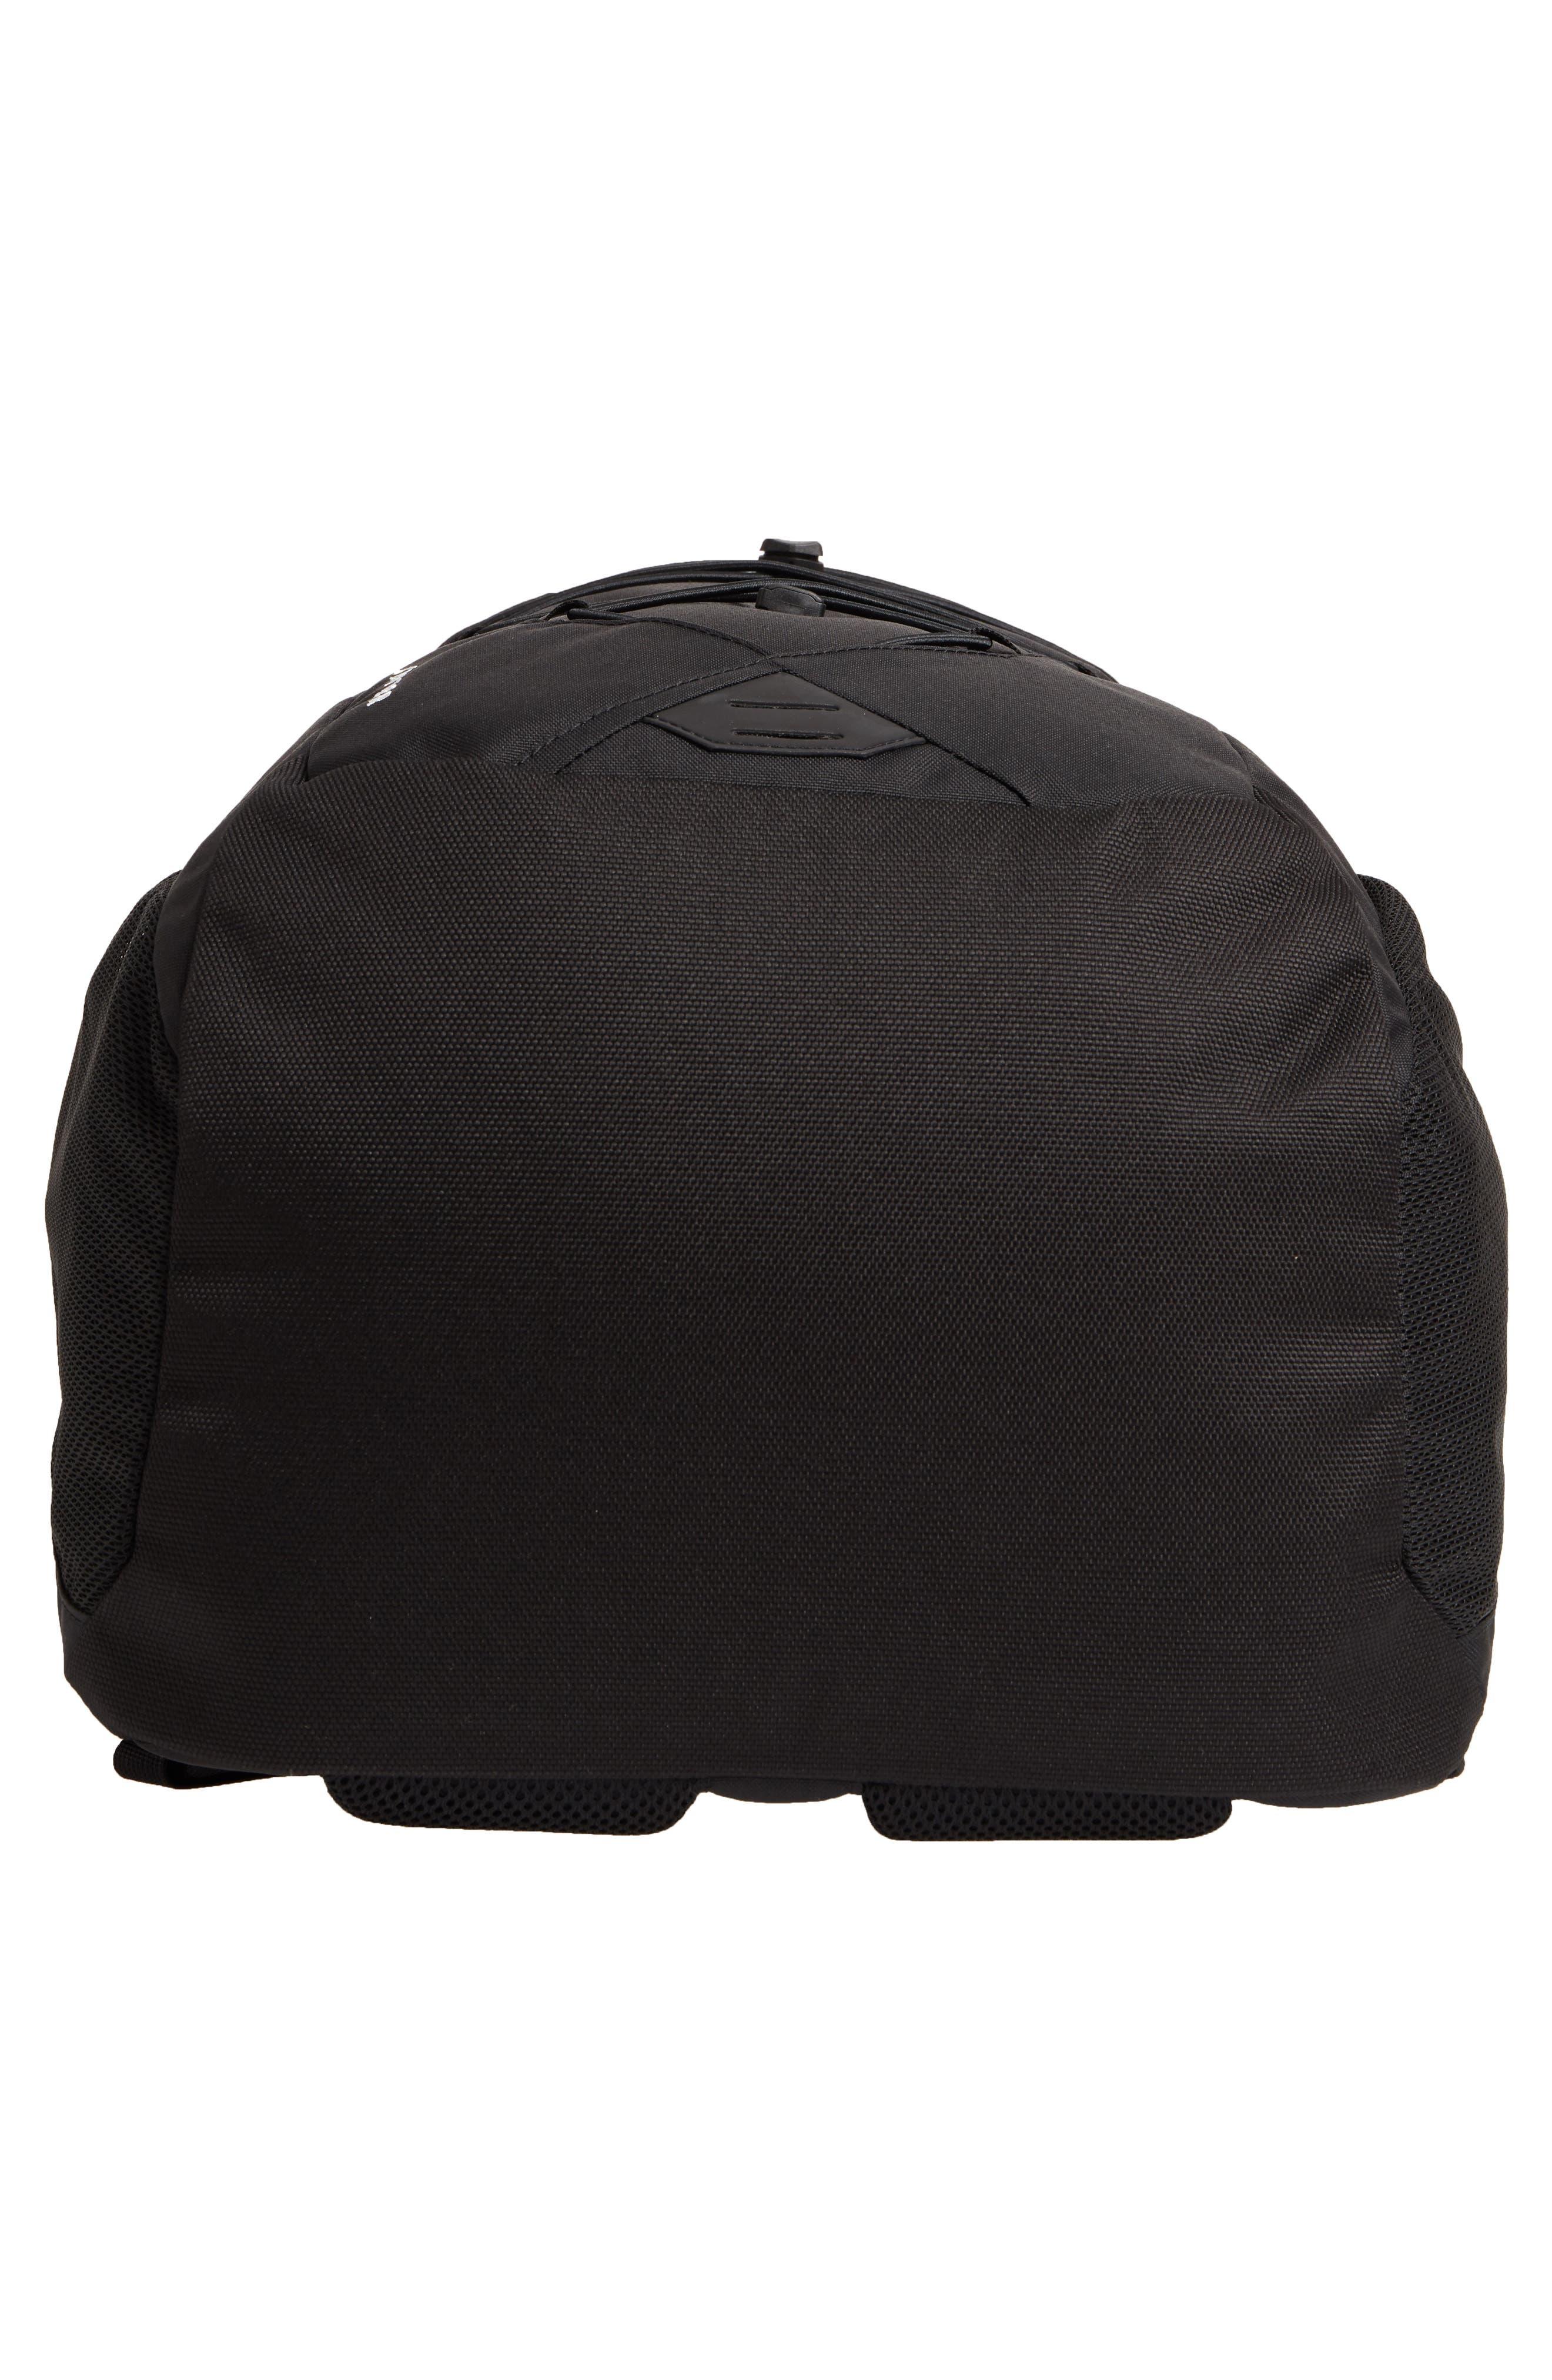 'Jester' Backpack,                             Alternate thumbnail 6, color,                             TNF BLACK